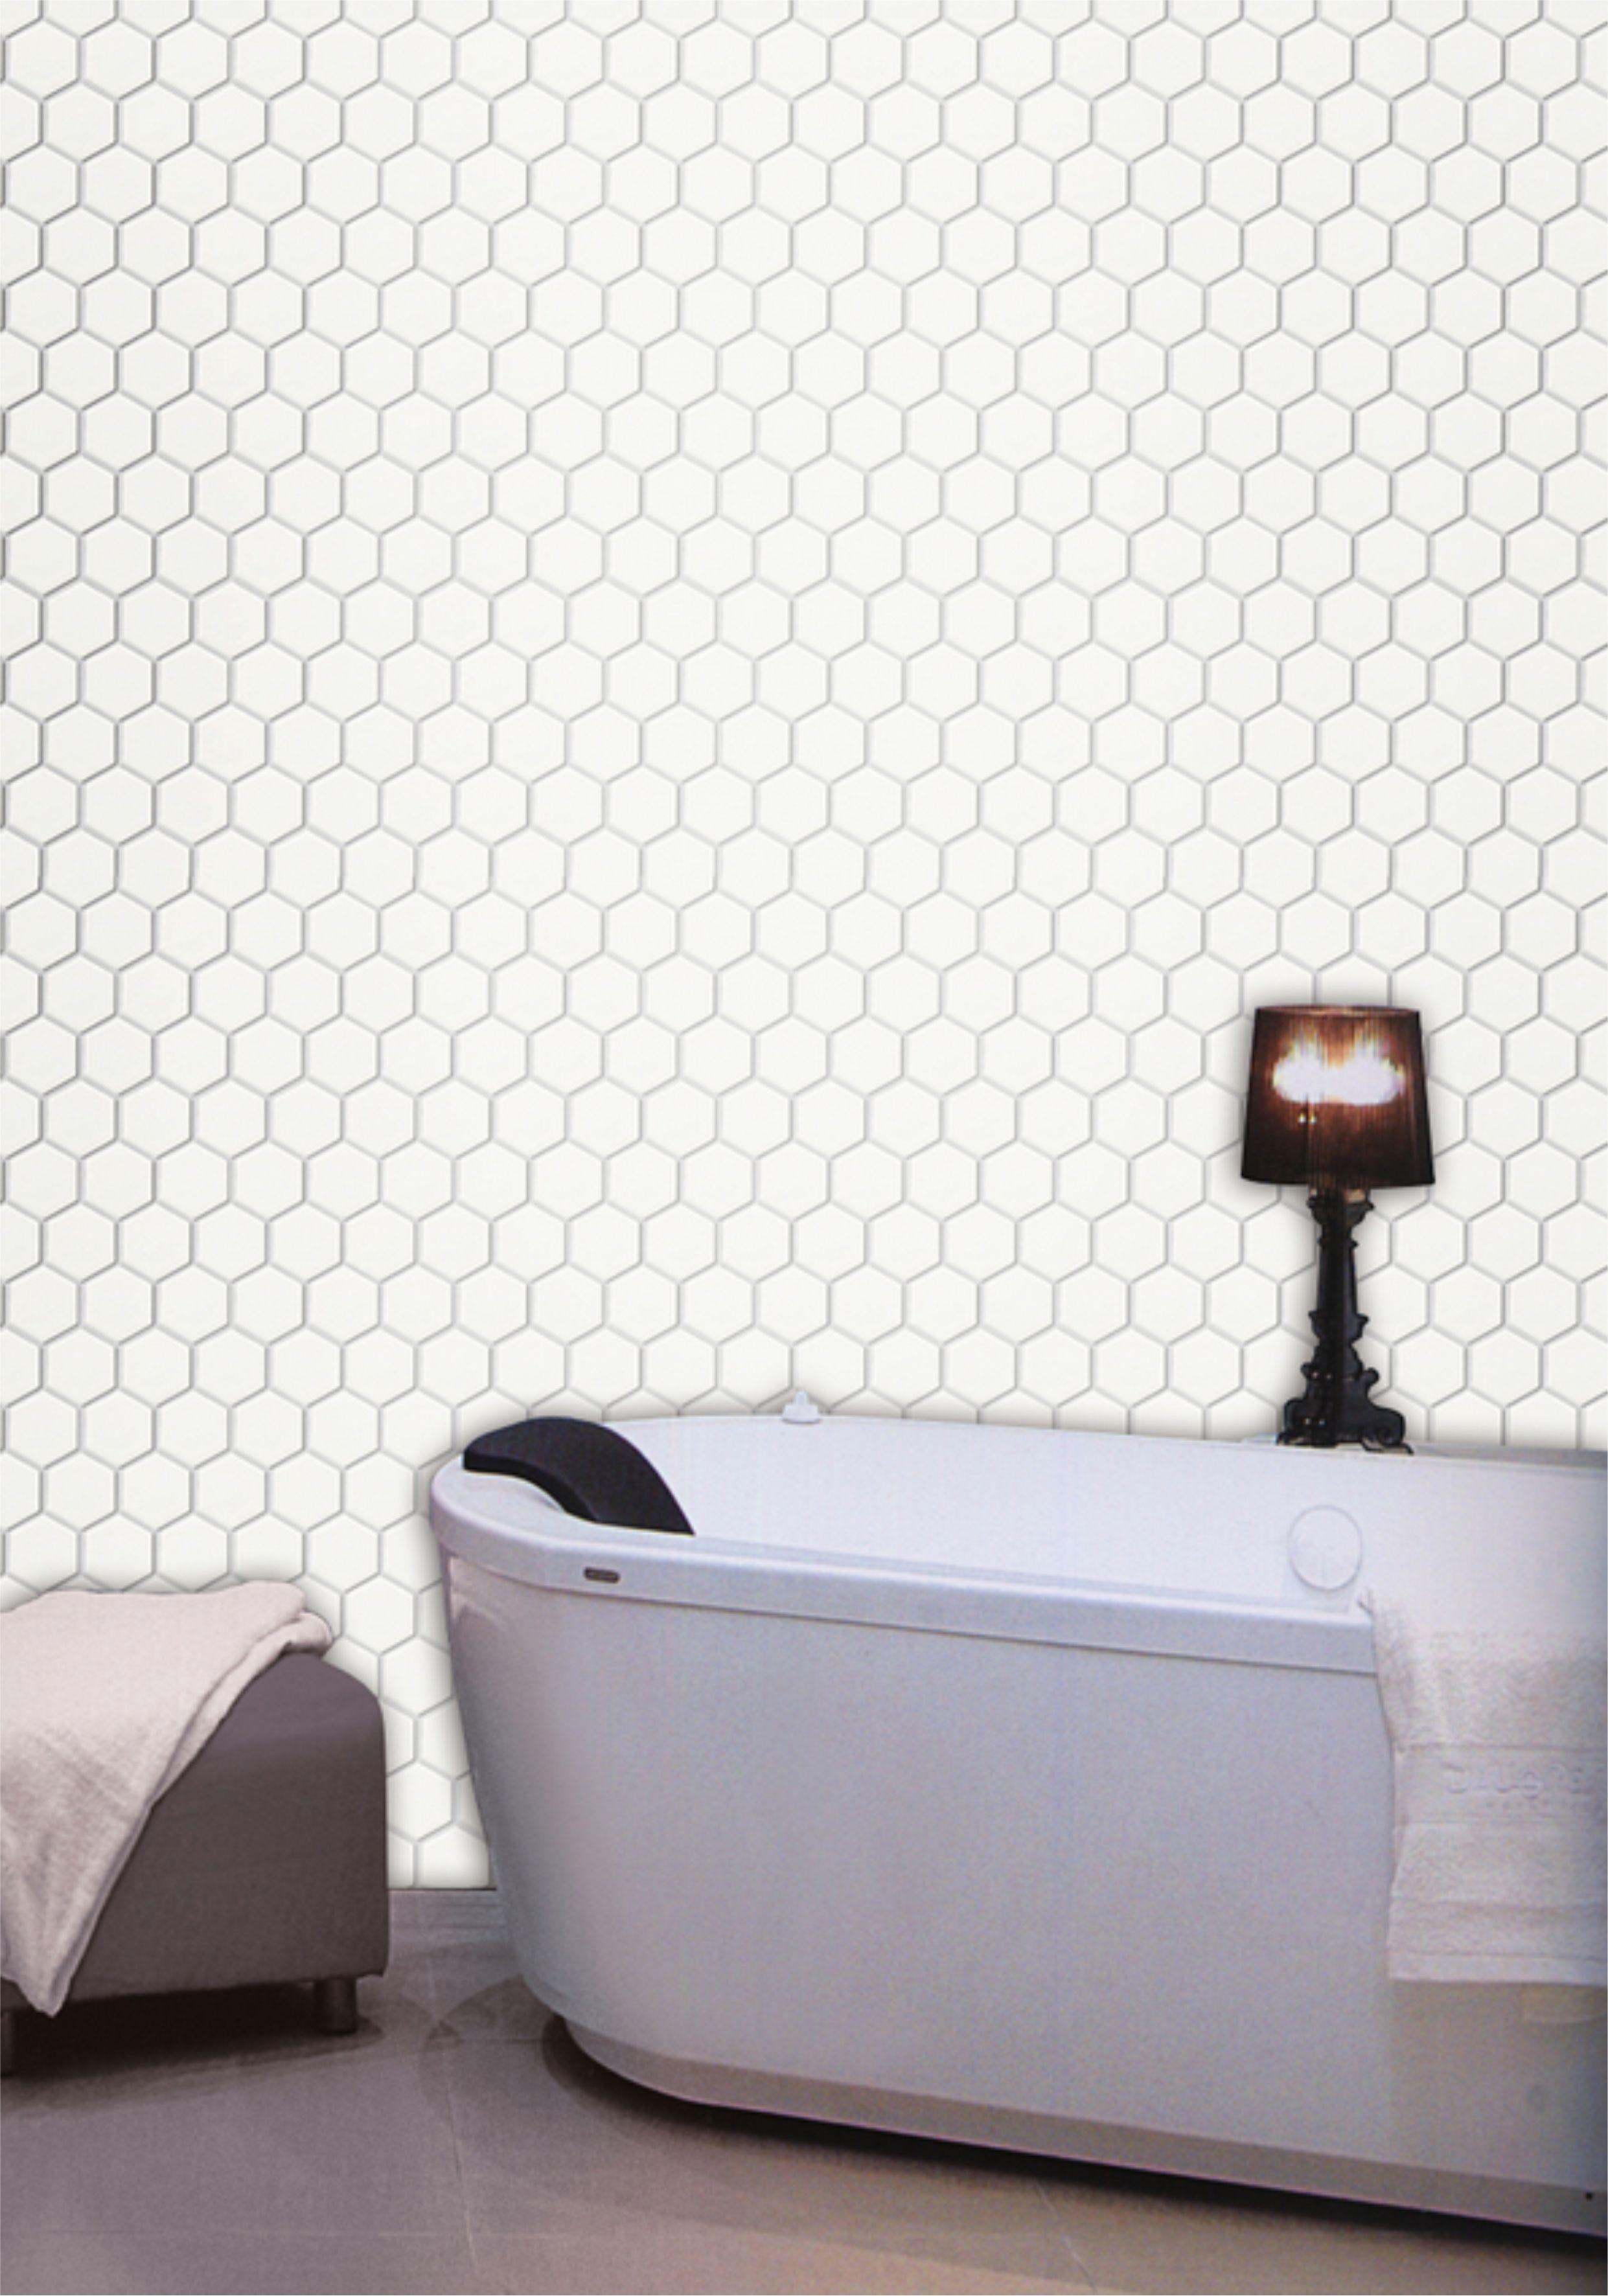 Mozaika Heksagonalna Heksagon White Połysk 30x30 48x48